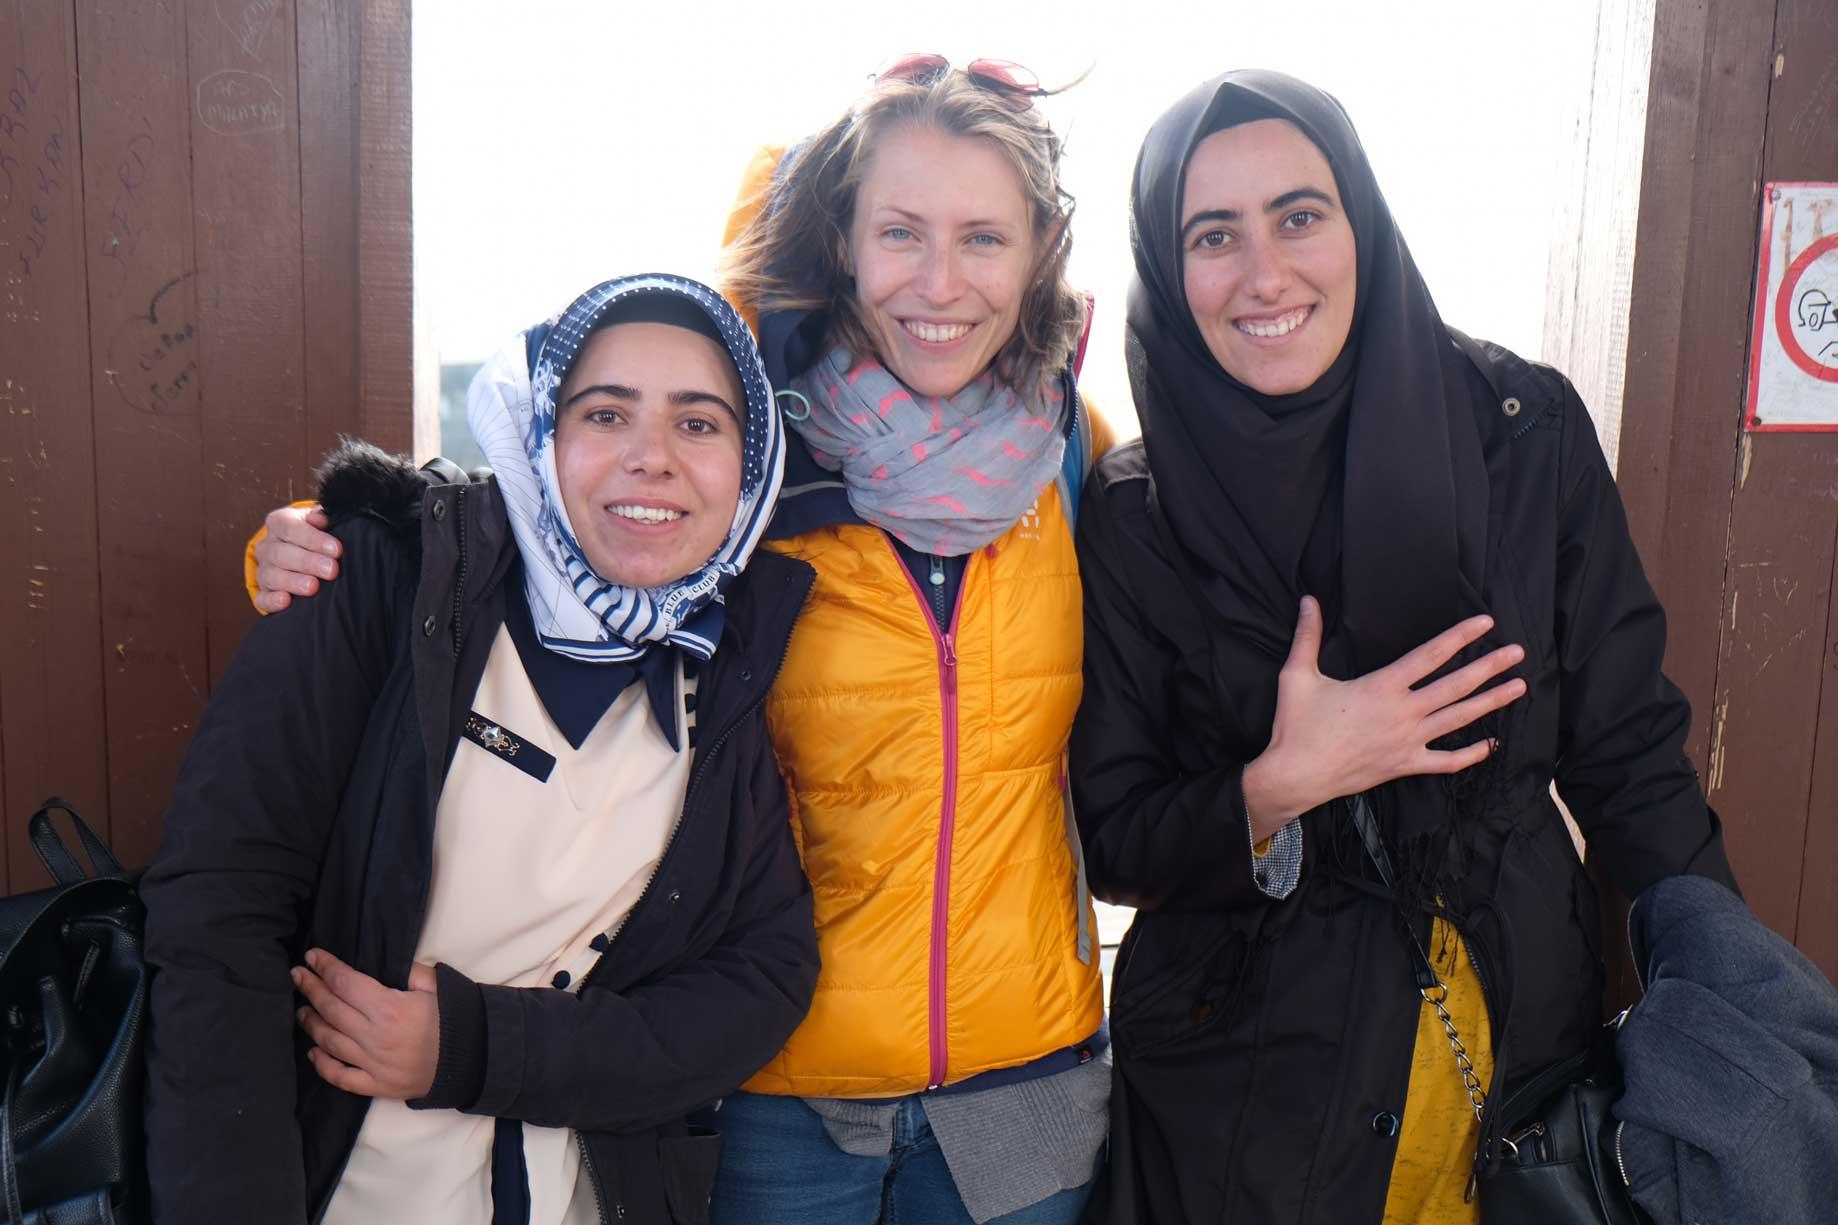 Spontane, nette Bekanntschaften erleben wir in der Türkei immer wieder